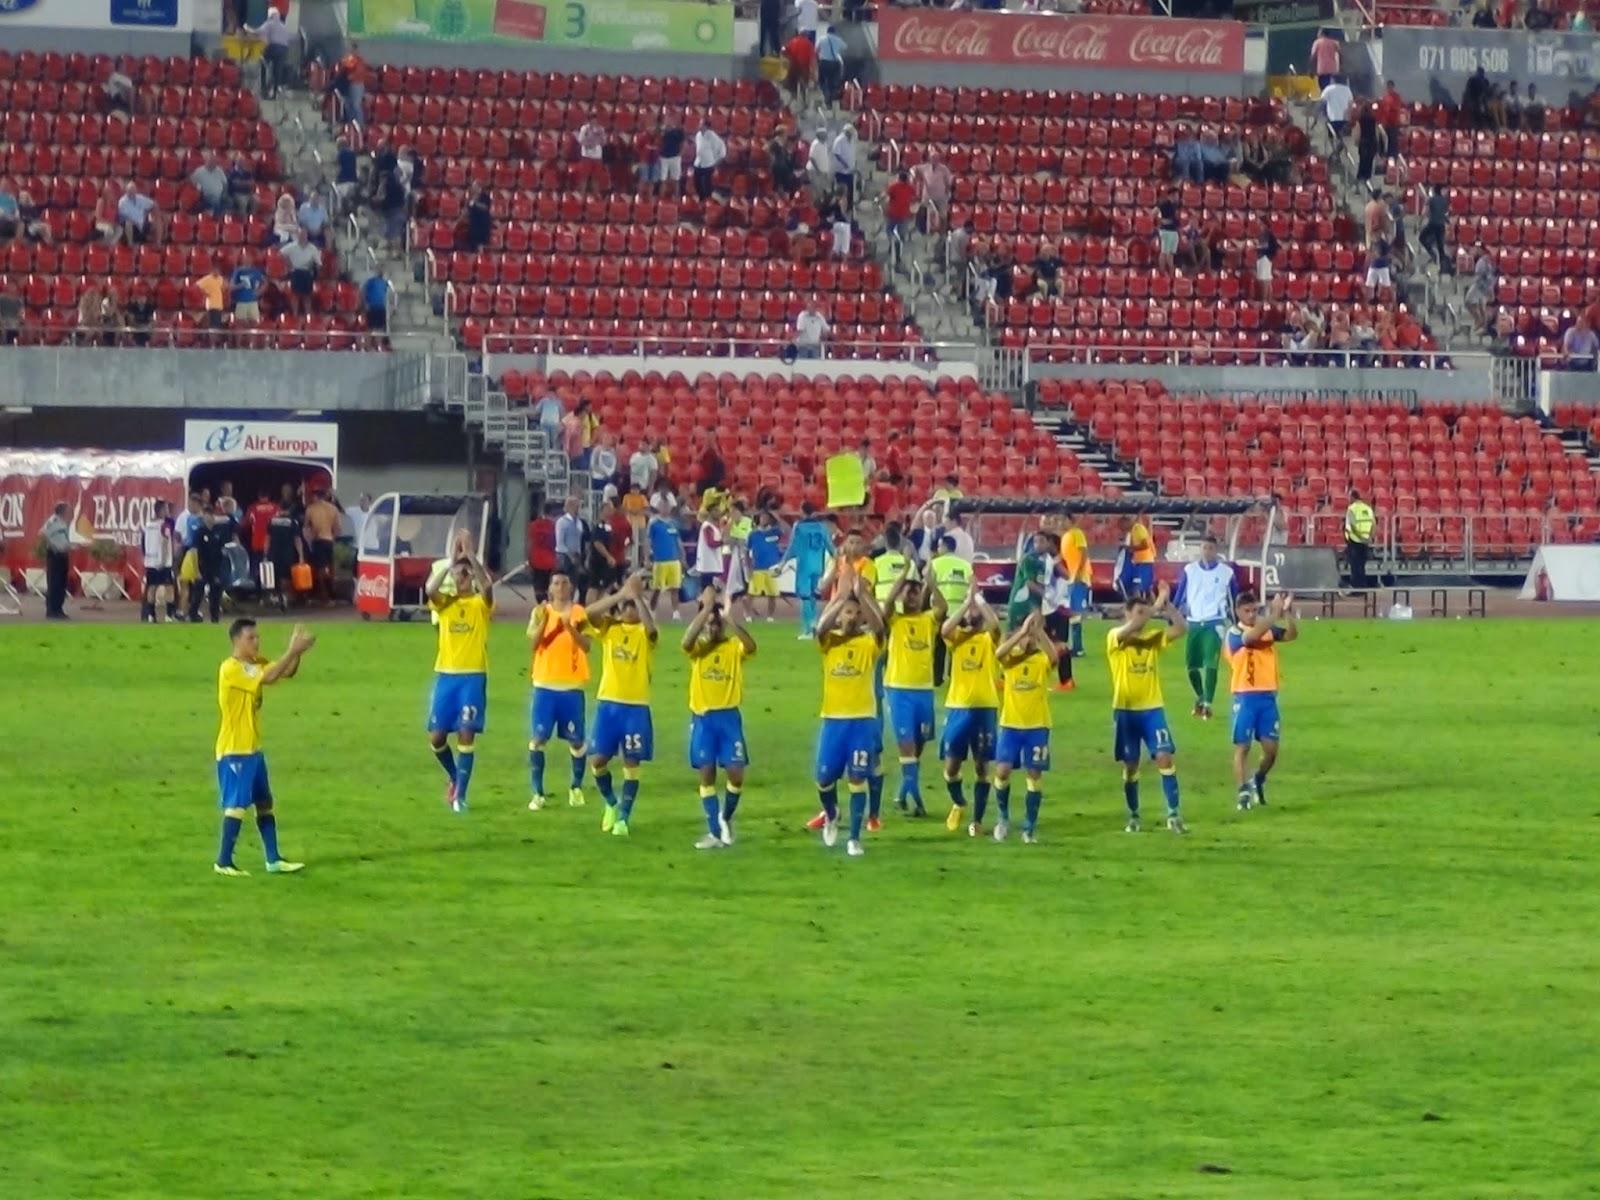 El equipo agradeció el apoyo a la afición amarilla en Son Moix